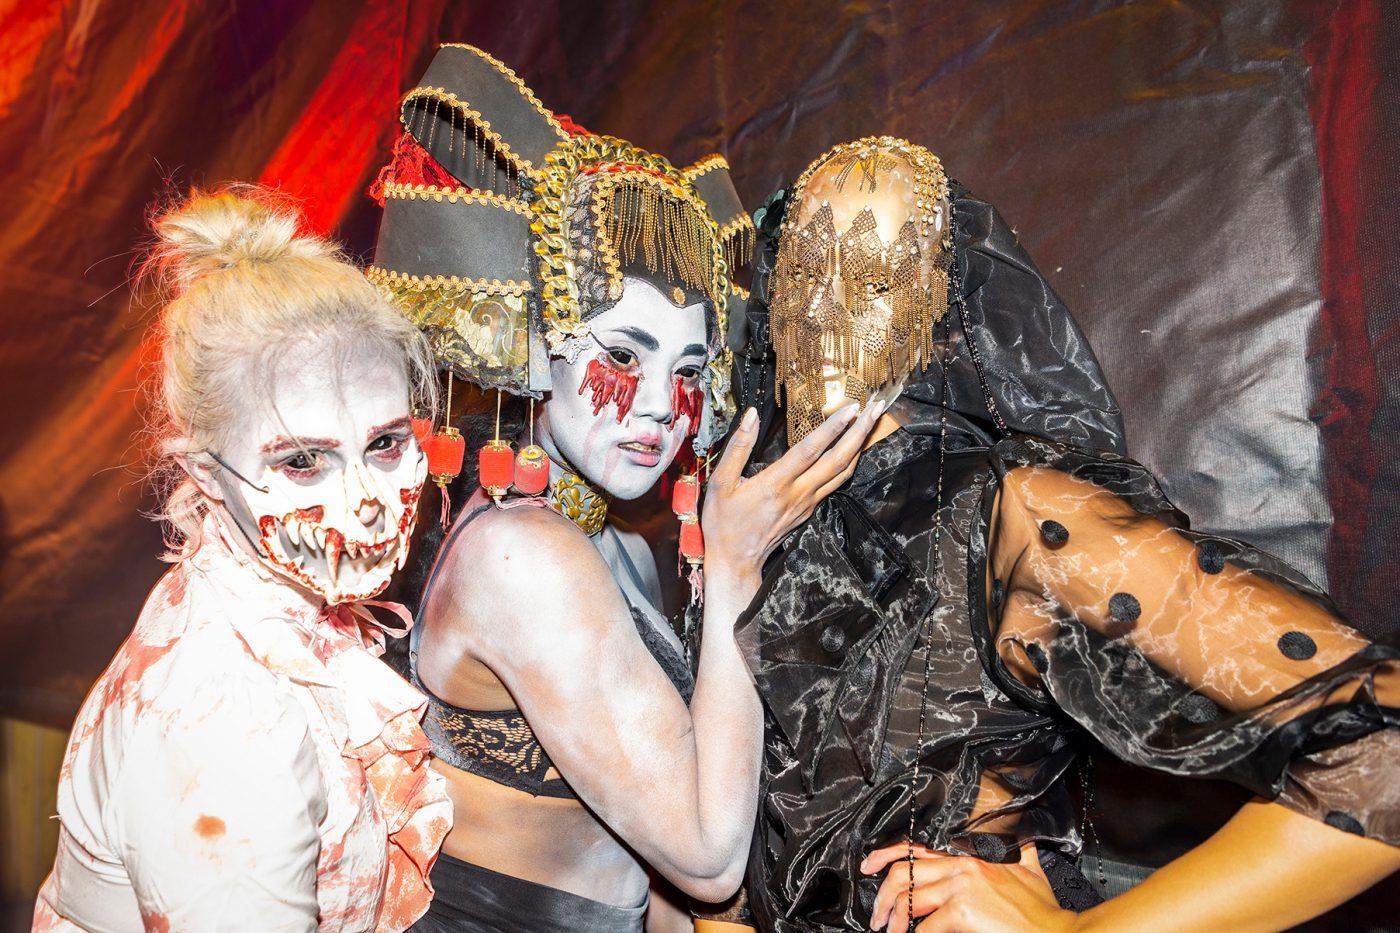 PinkInc. Halloween @ Schmidt's Tivoli, Hamburg, 26.11.2019